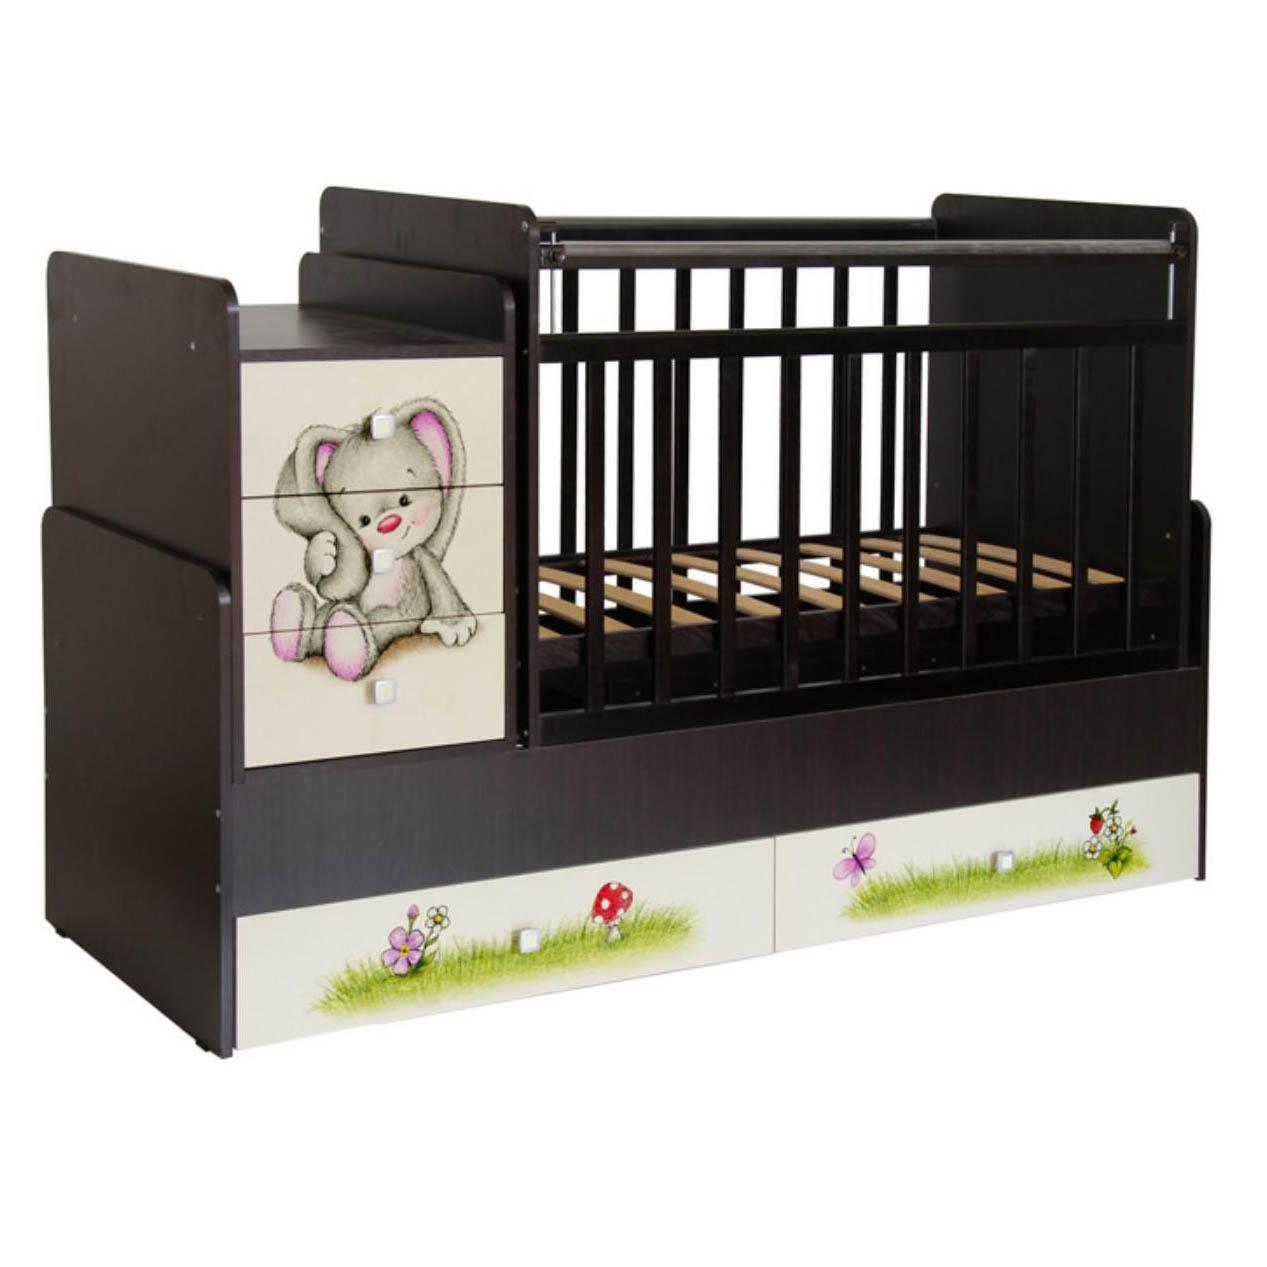 Кровать детская Фея 1100 Зайчонок, венге-бежевый 1033.5.12